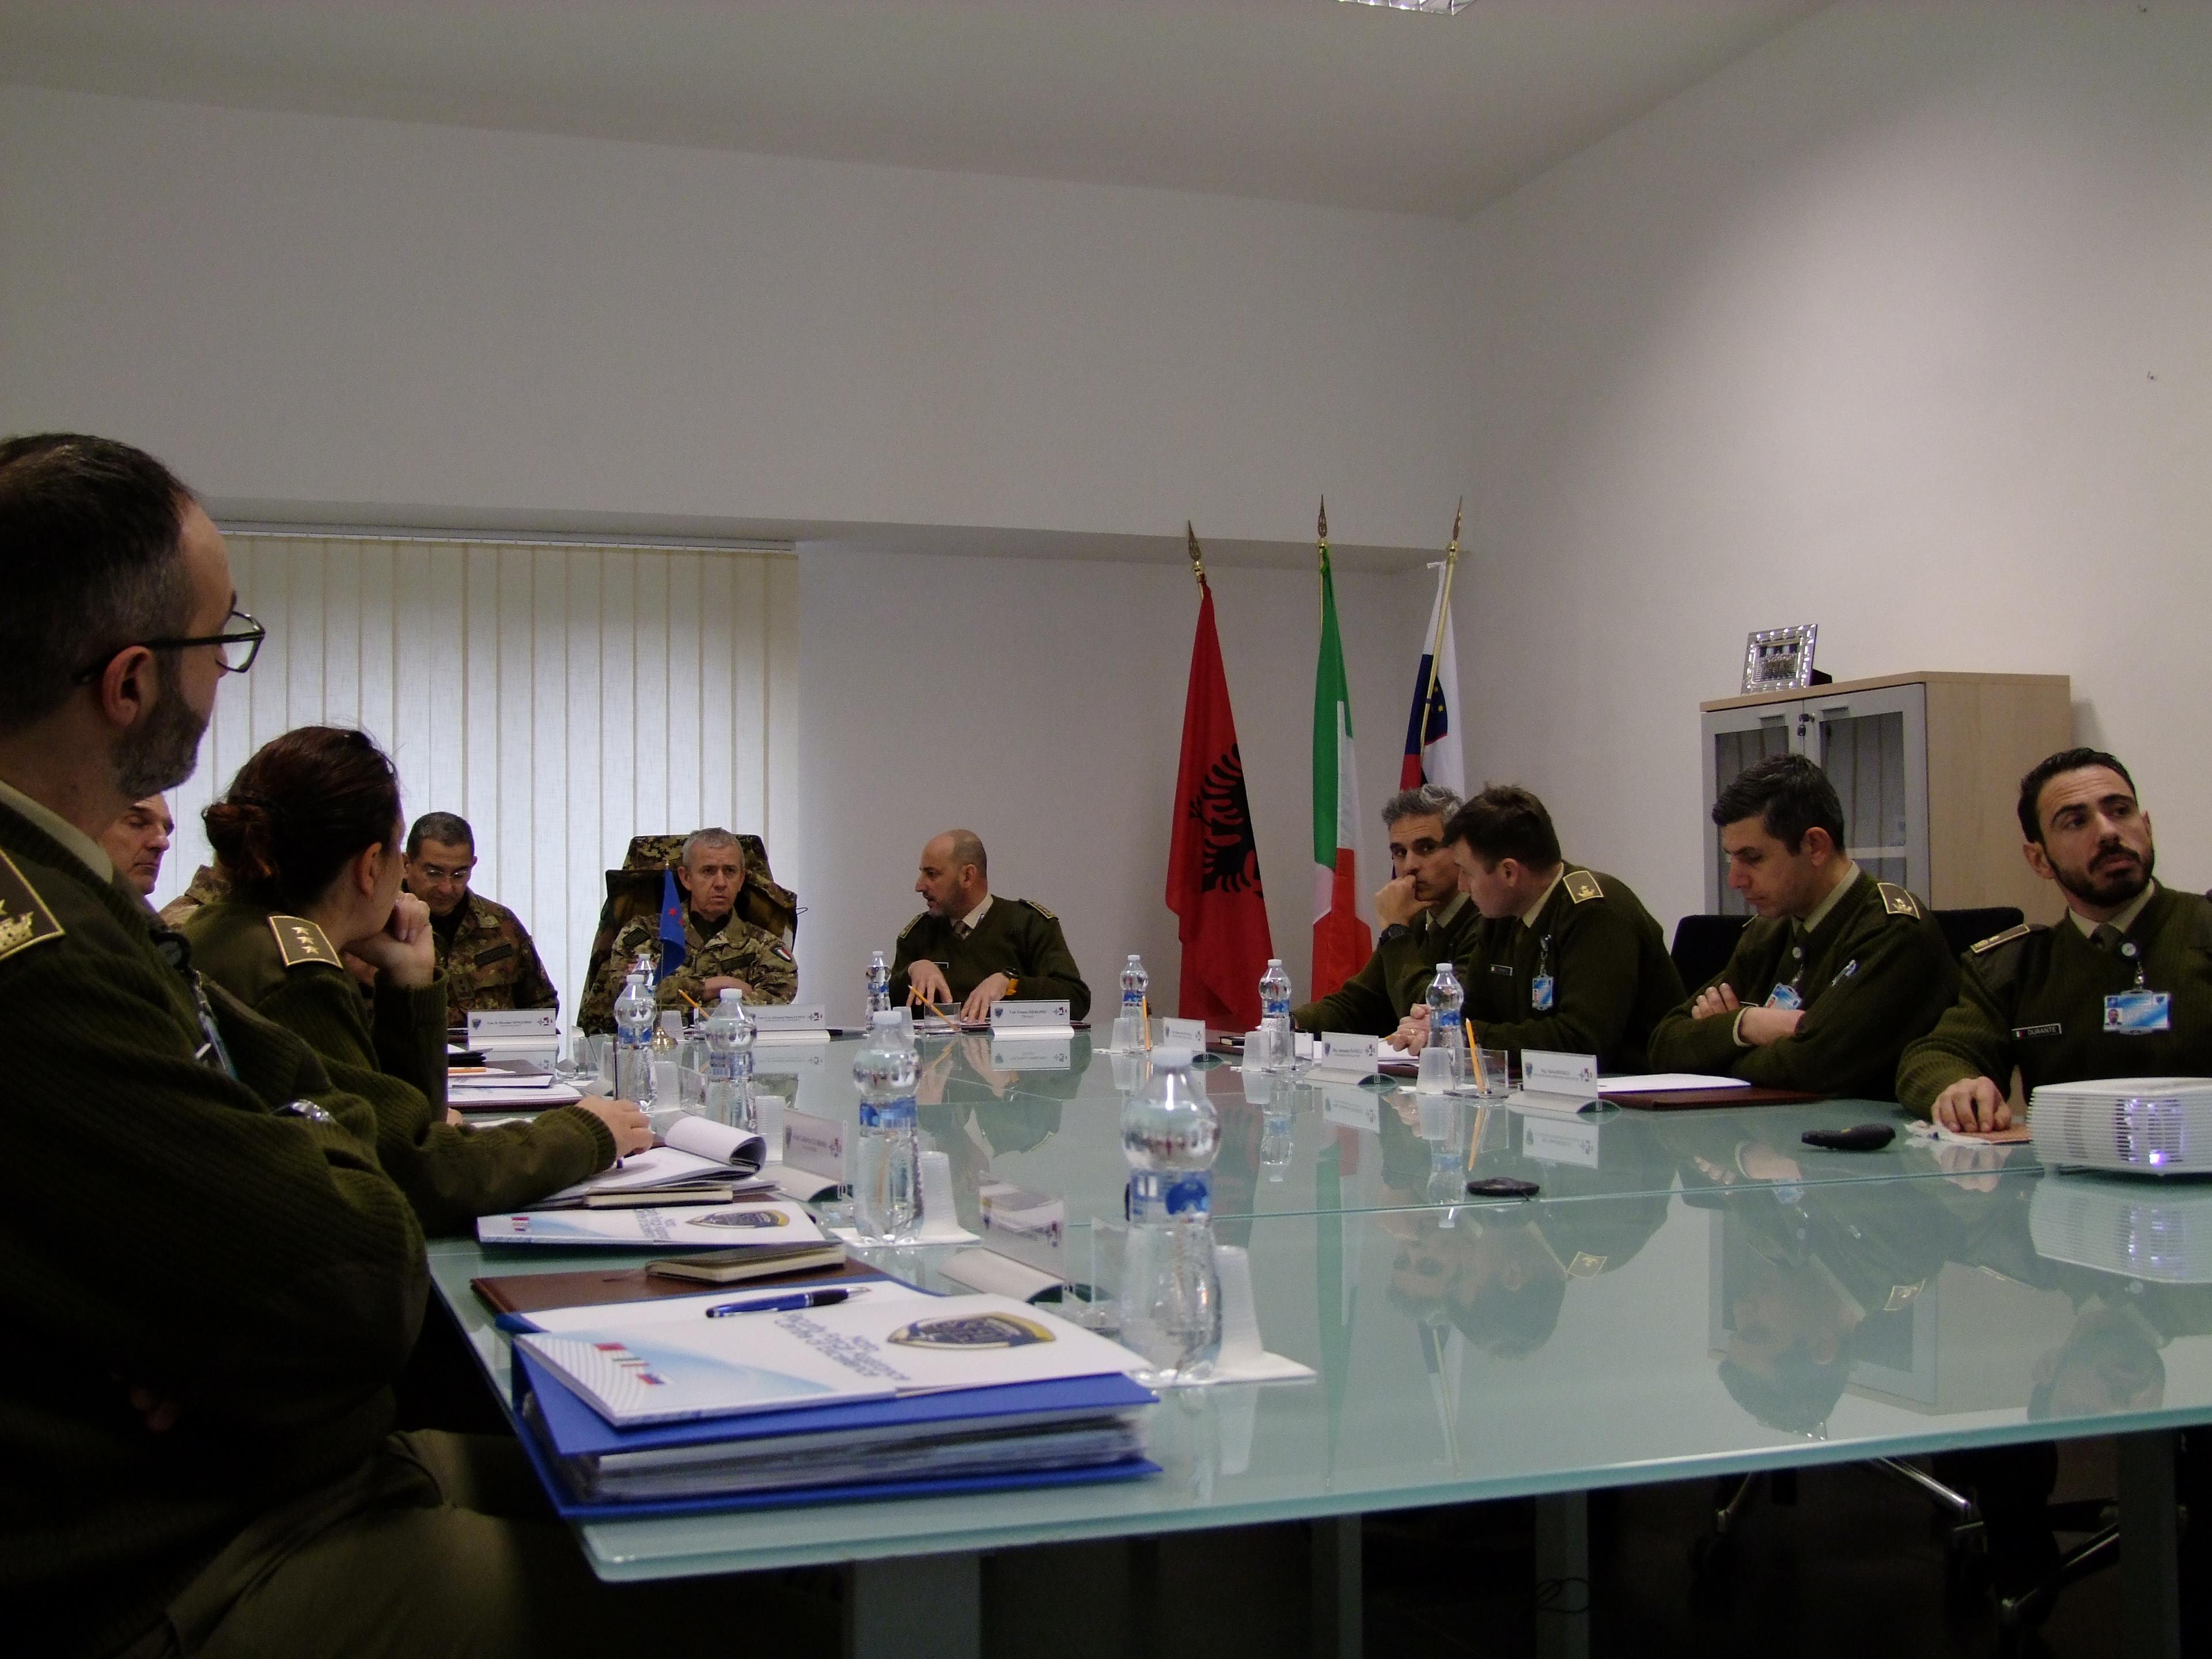 NATO SFA COE: the COMFORDOT Commander visits the Centre